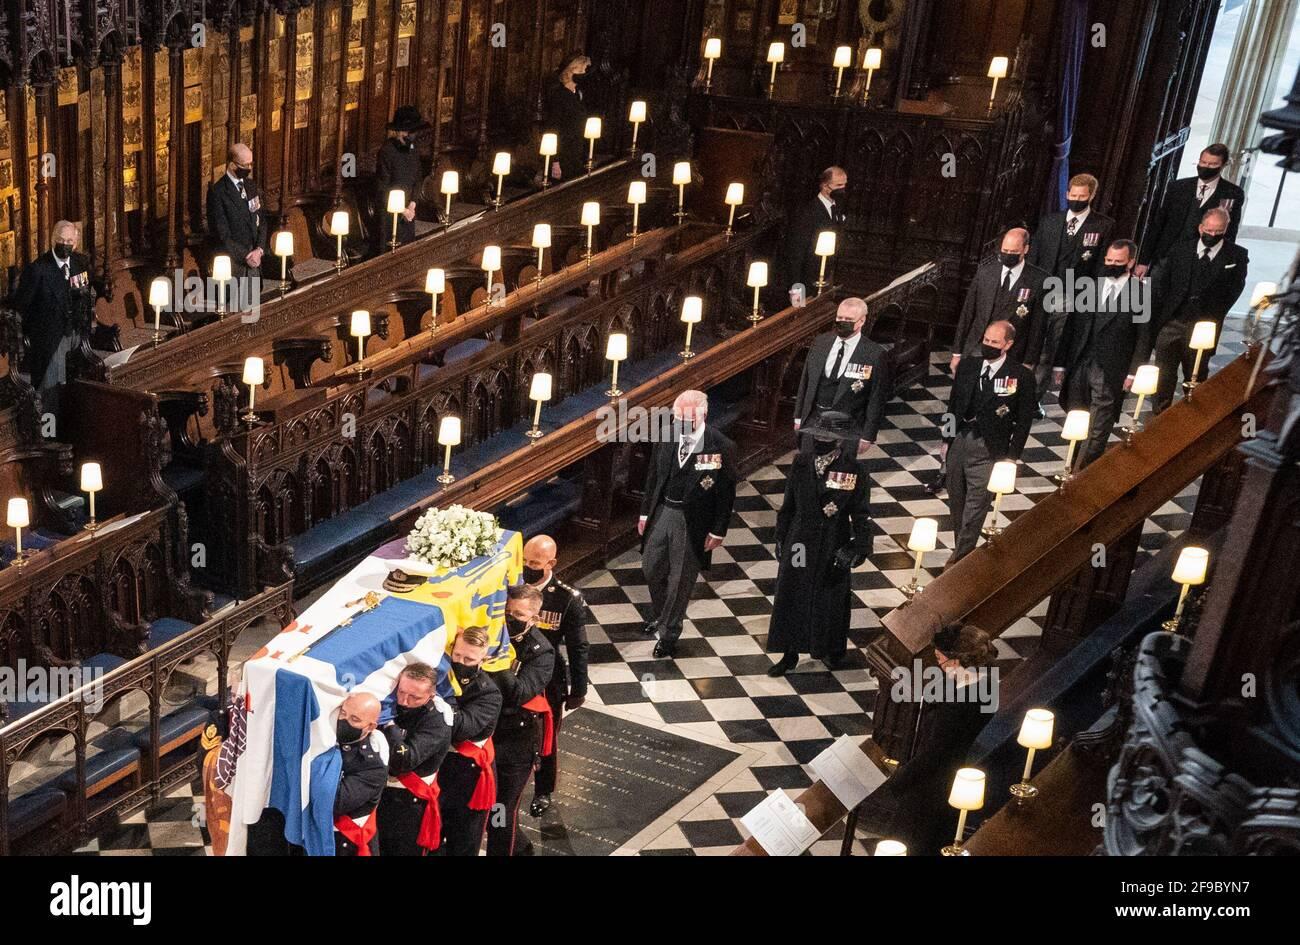 Los pallbearers llevan el ataúd del Duque de Edimburgo durante su funeral en la Capilla de San Jorge, Castillo de Windsor, Berkshire. Fecha de la foto: Sábado 17 de abril de 2021. Foto de stock